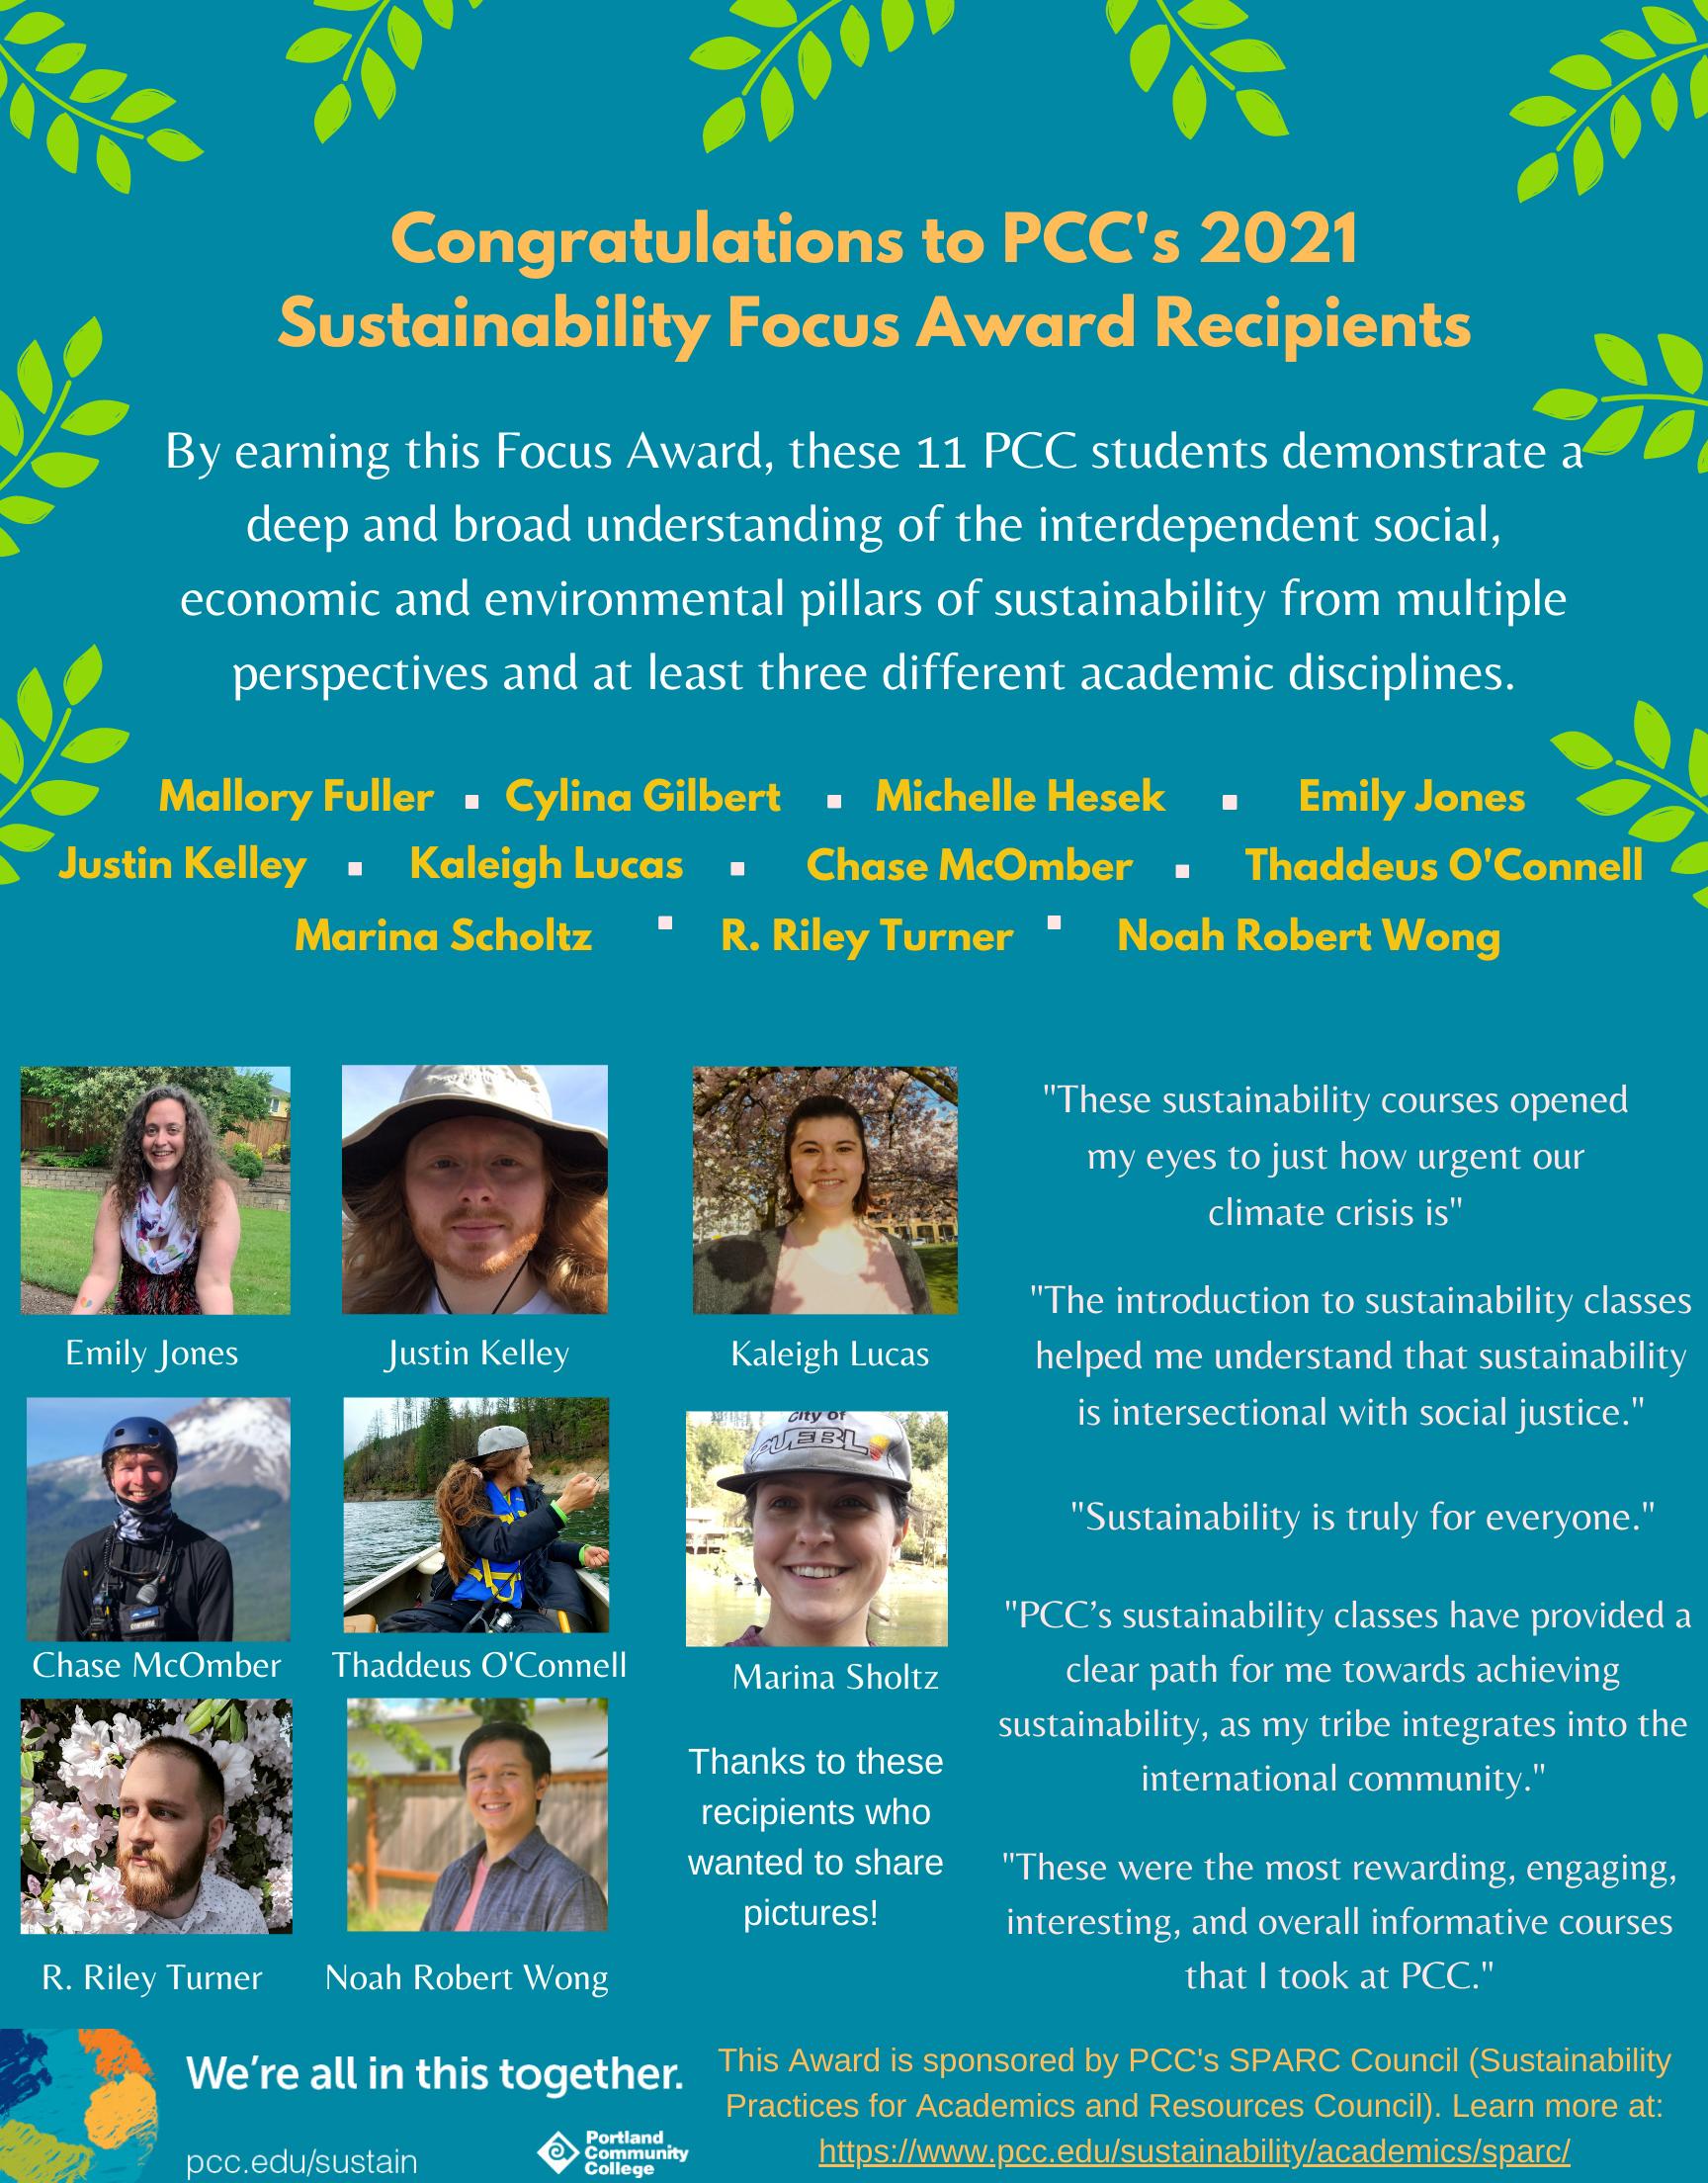 PCC's 2020 Sustainability Focus Award Recipients